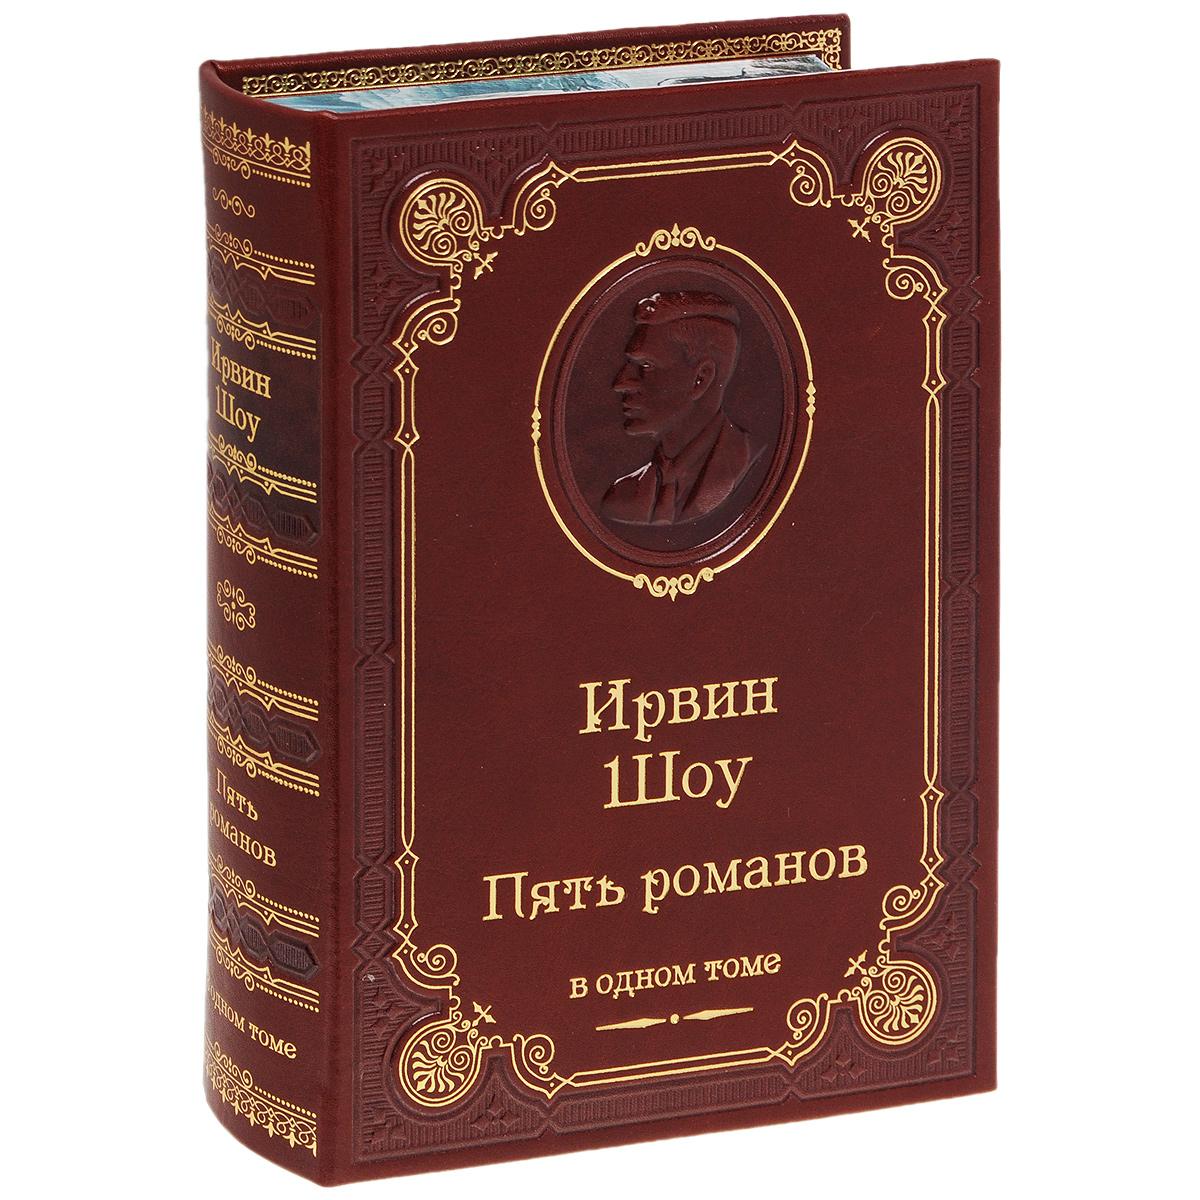 Ирвин Шоу Ирвин Шоу. Пять романов (подарочное издание)